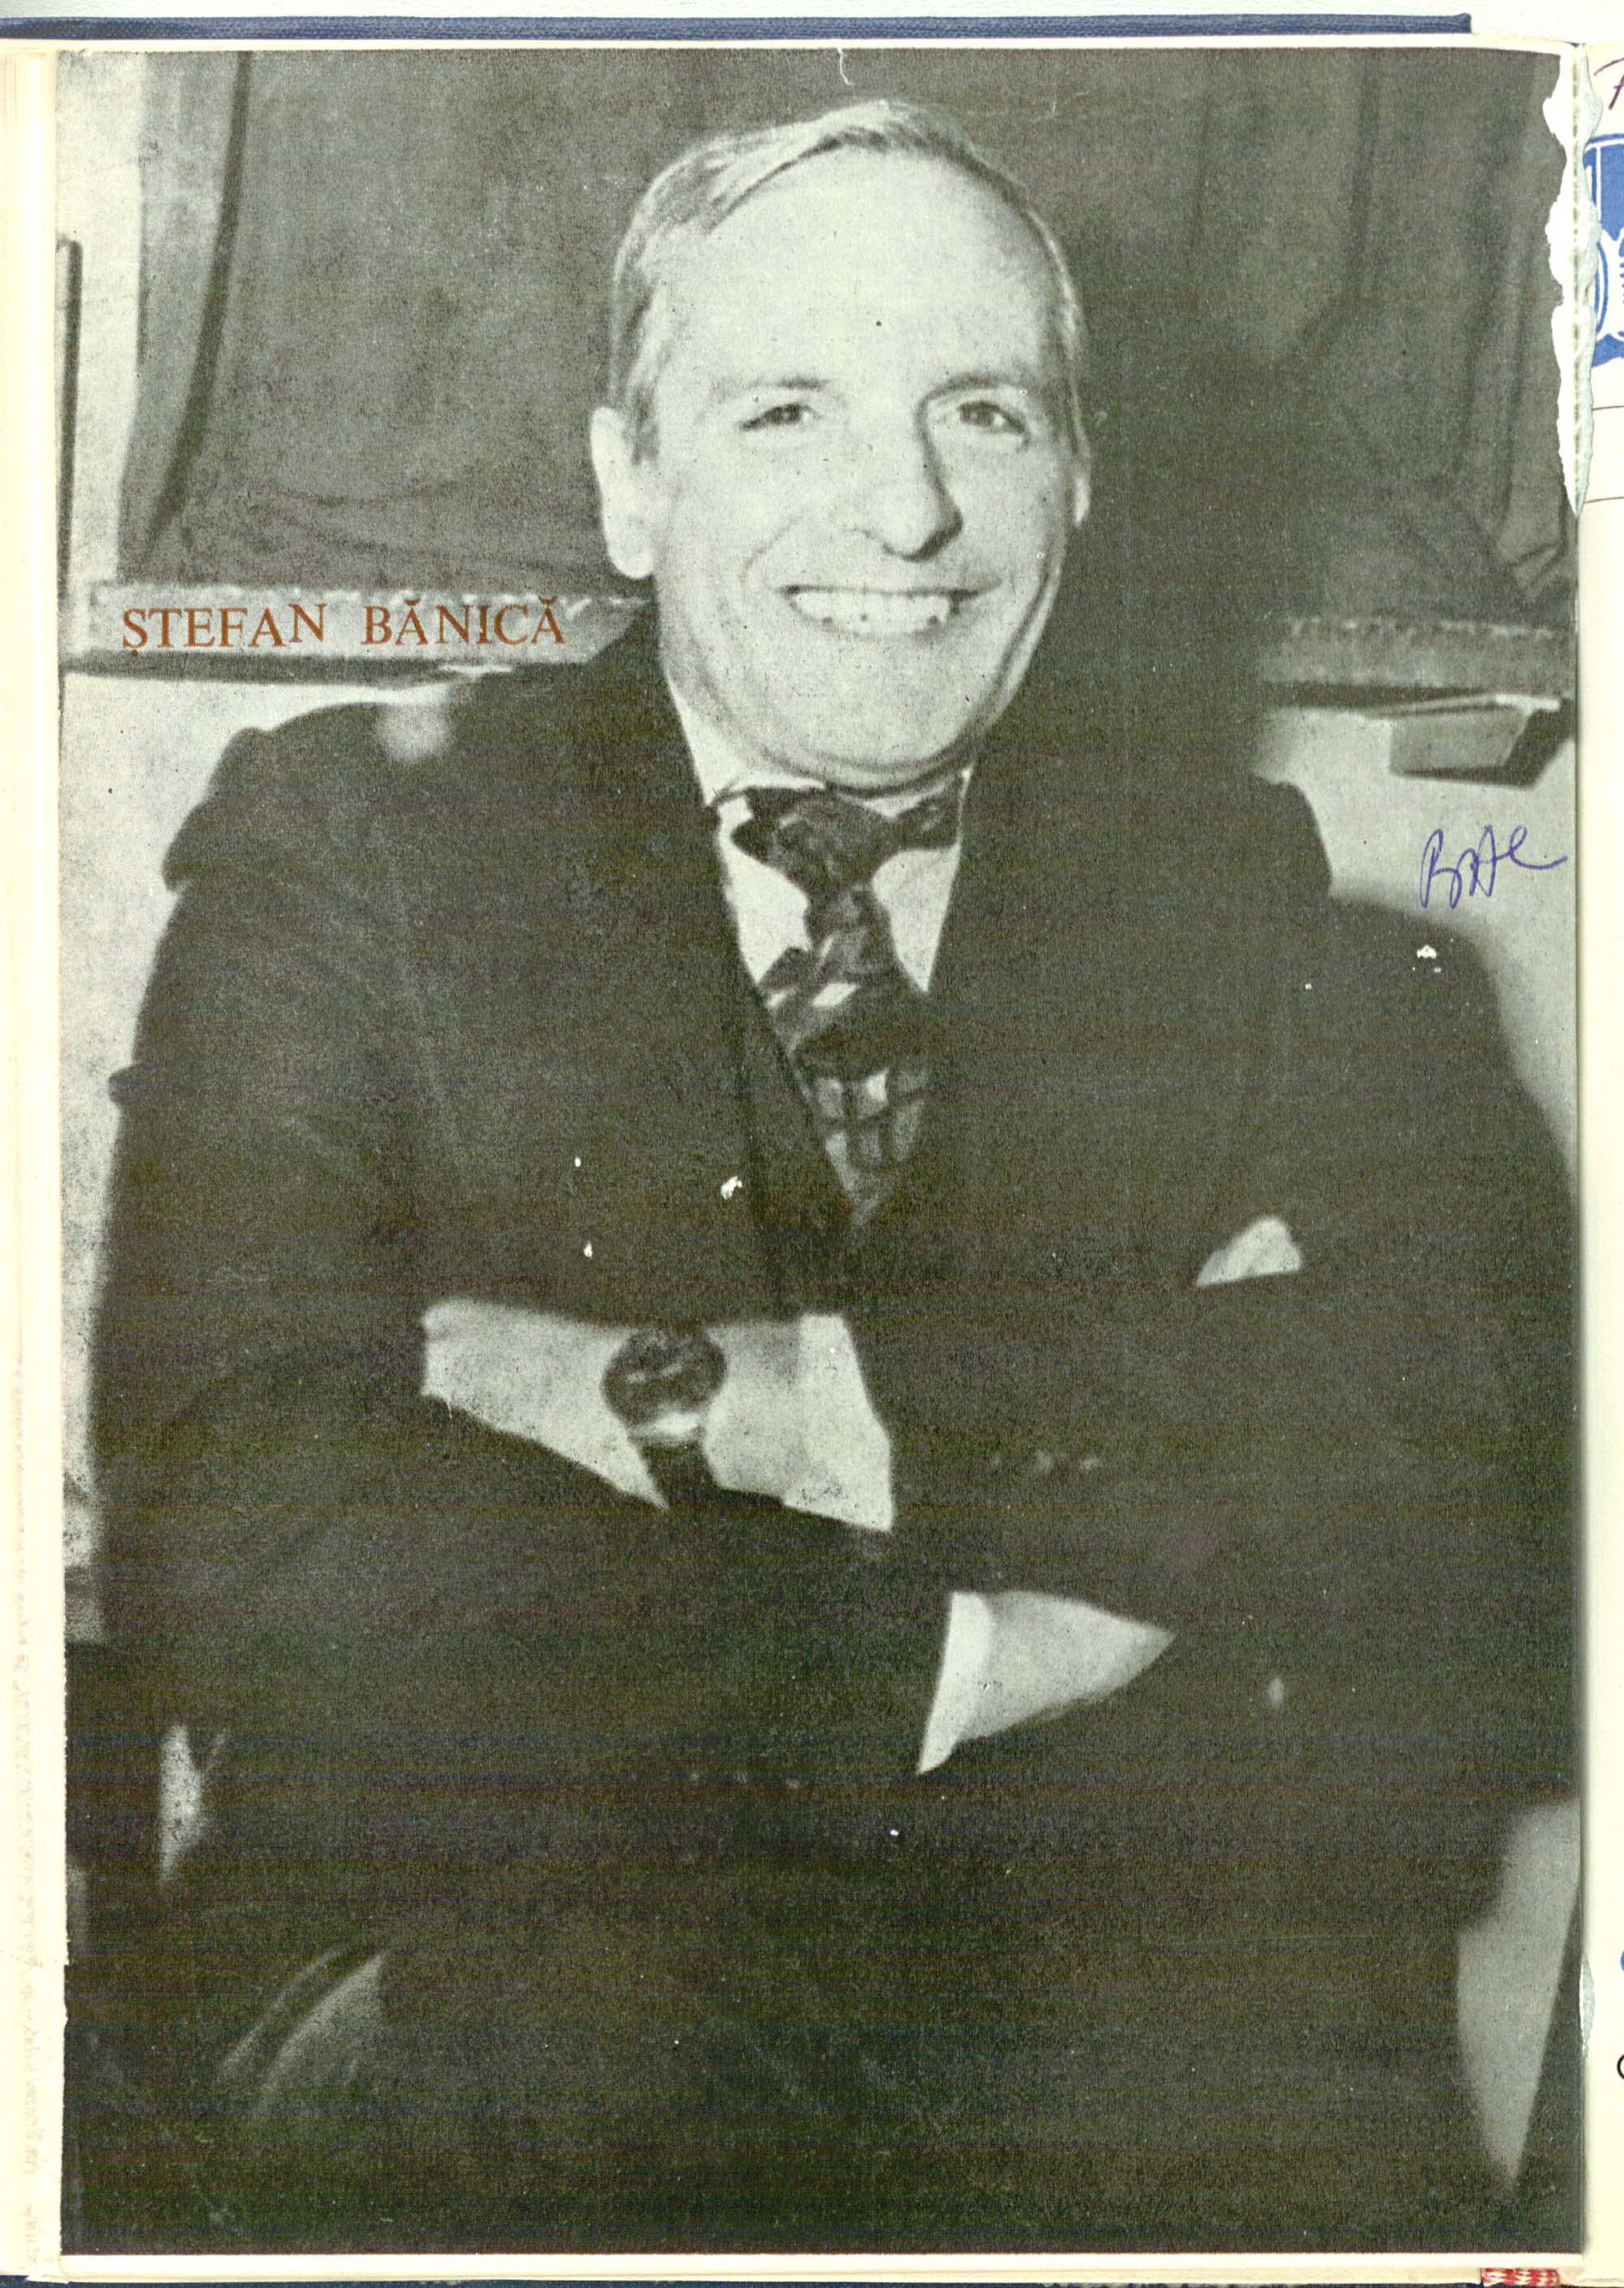 Ștefan Bănică - Wikipedia